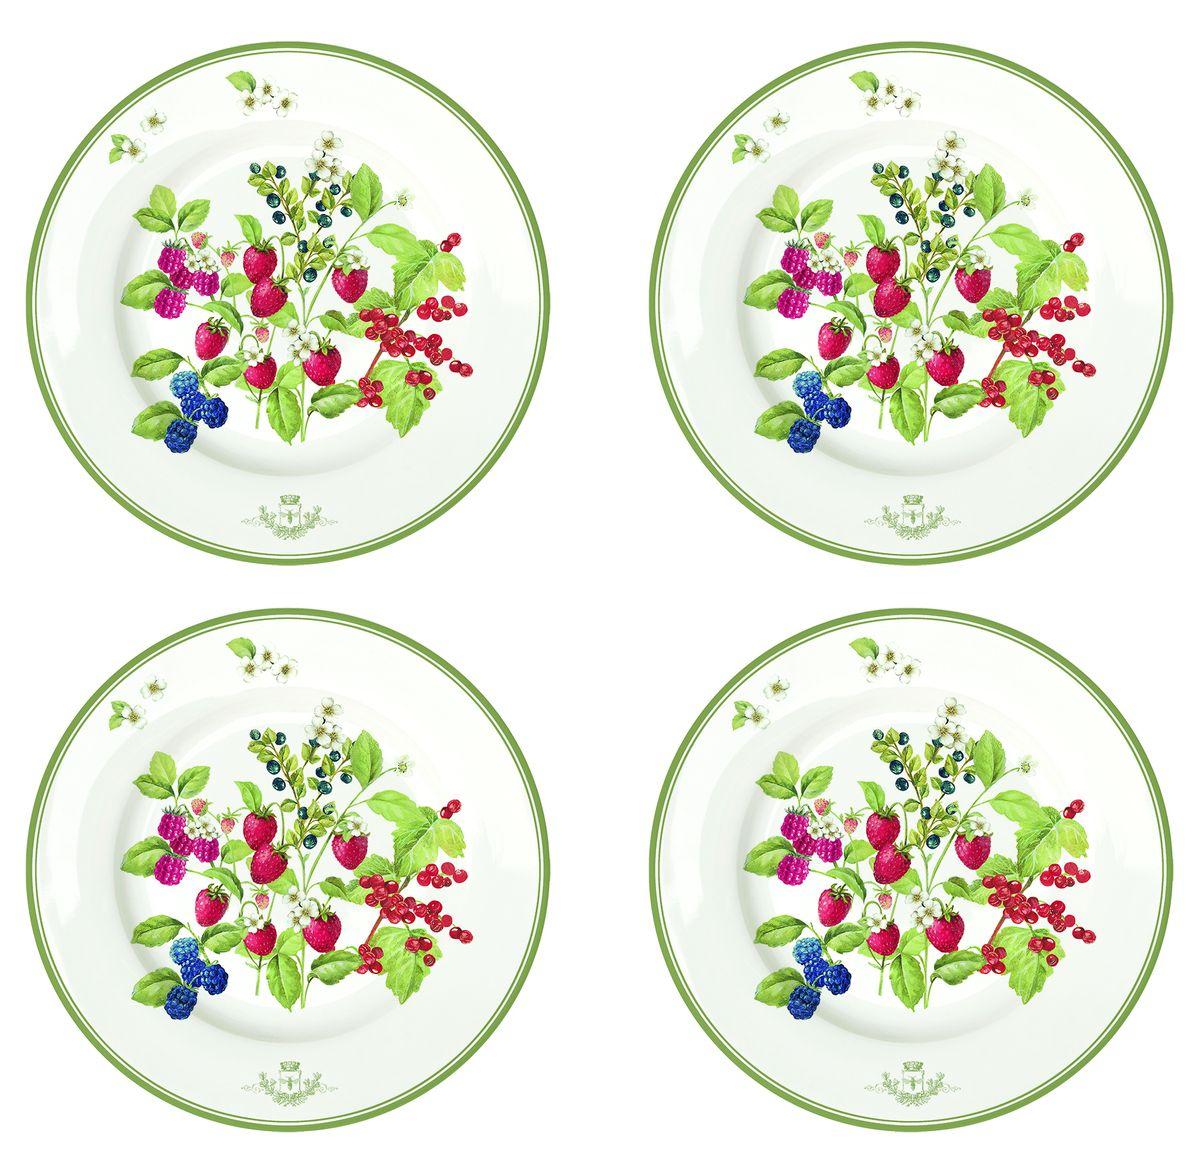 Набор тарелок Nuova R2S Лесные ягоды, диаметр 19 см, 4 шт976BERRНабор Nuova R2S Лесные ягоды, выполненный из высококачественного фарфора, состоит из четырех тарелок и предназначен для красивой сервировки различных блюд. Изделия оформлены красочным изображением ягод и сочетают в себе стильный дизайн с максимальной функциональностью. Оригинальность оформления придется по вкусу и ценителям классики, и тем, кто предпочитает утонченность и изящность. Можно использовать в микроволновой печи и мыть в посудомоечной машине. Диаметр тарелки: 19 см. Высота тарелки: 1,8 см.